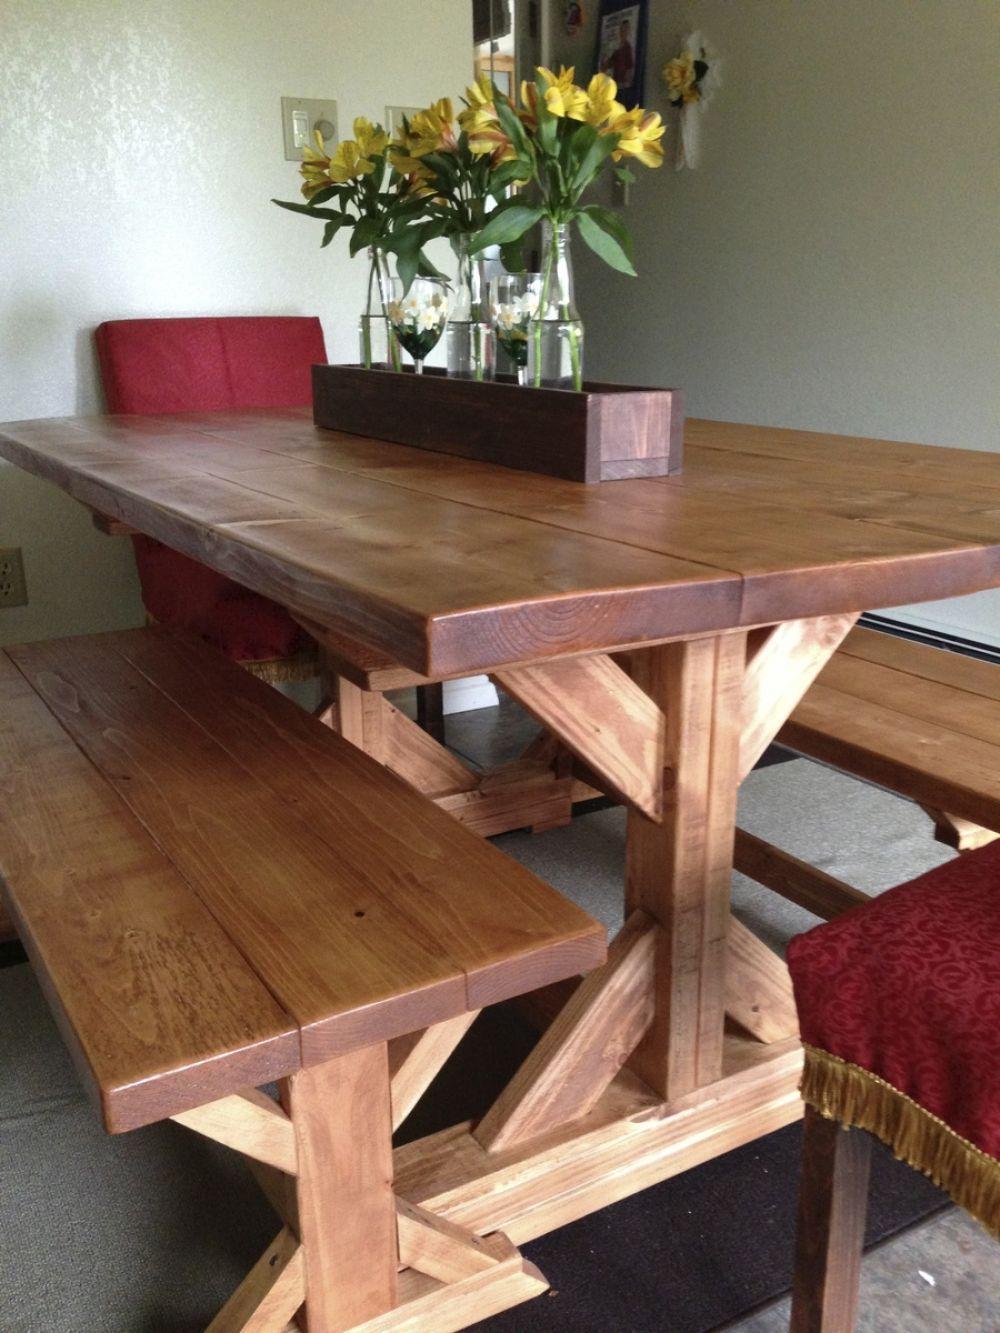 30 Diy Farmhouse Table Ideas Farmhouse Table With Bench Farmhouse Table Plans Farmhouse Kitchen Tables